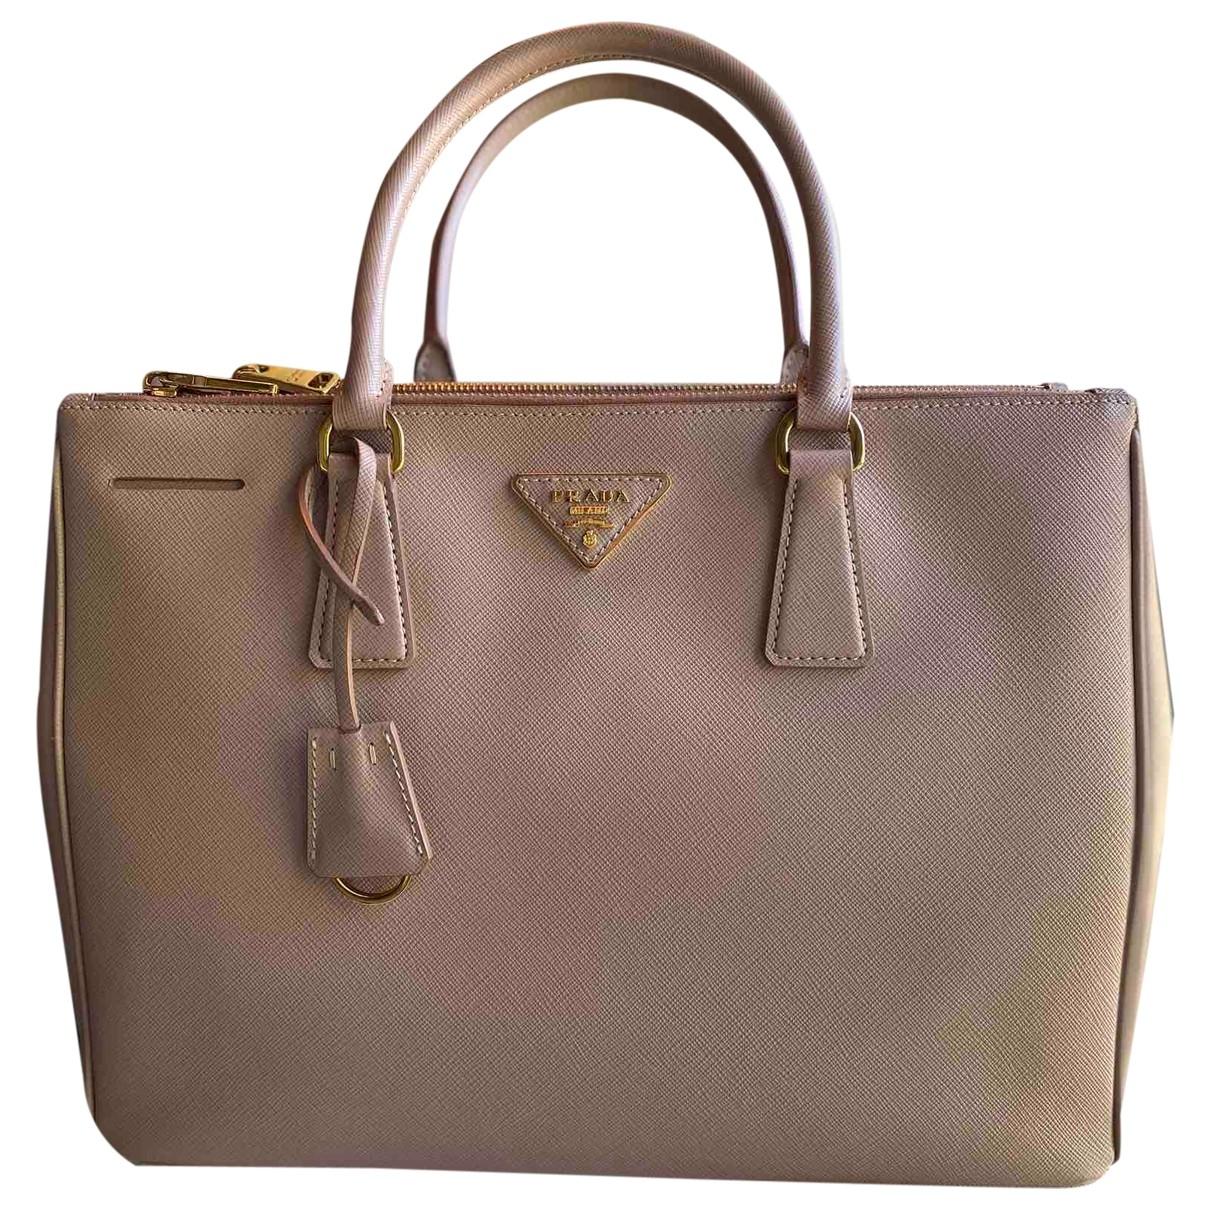 Prada saffiano  Beige Leather handbag for Women \N